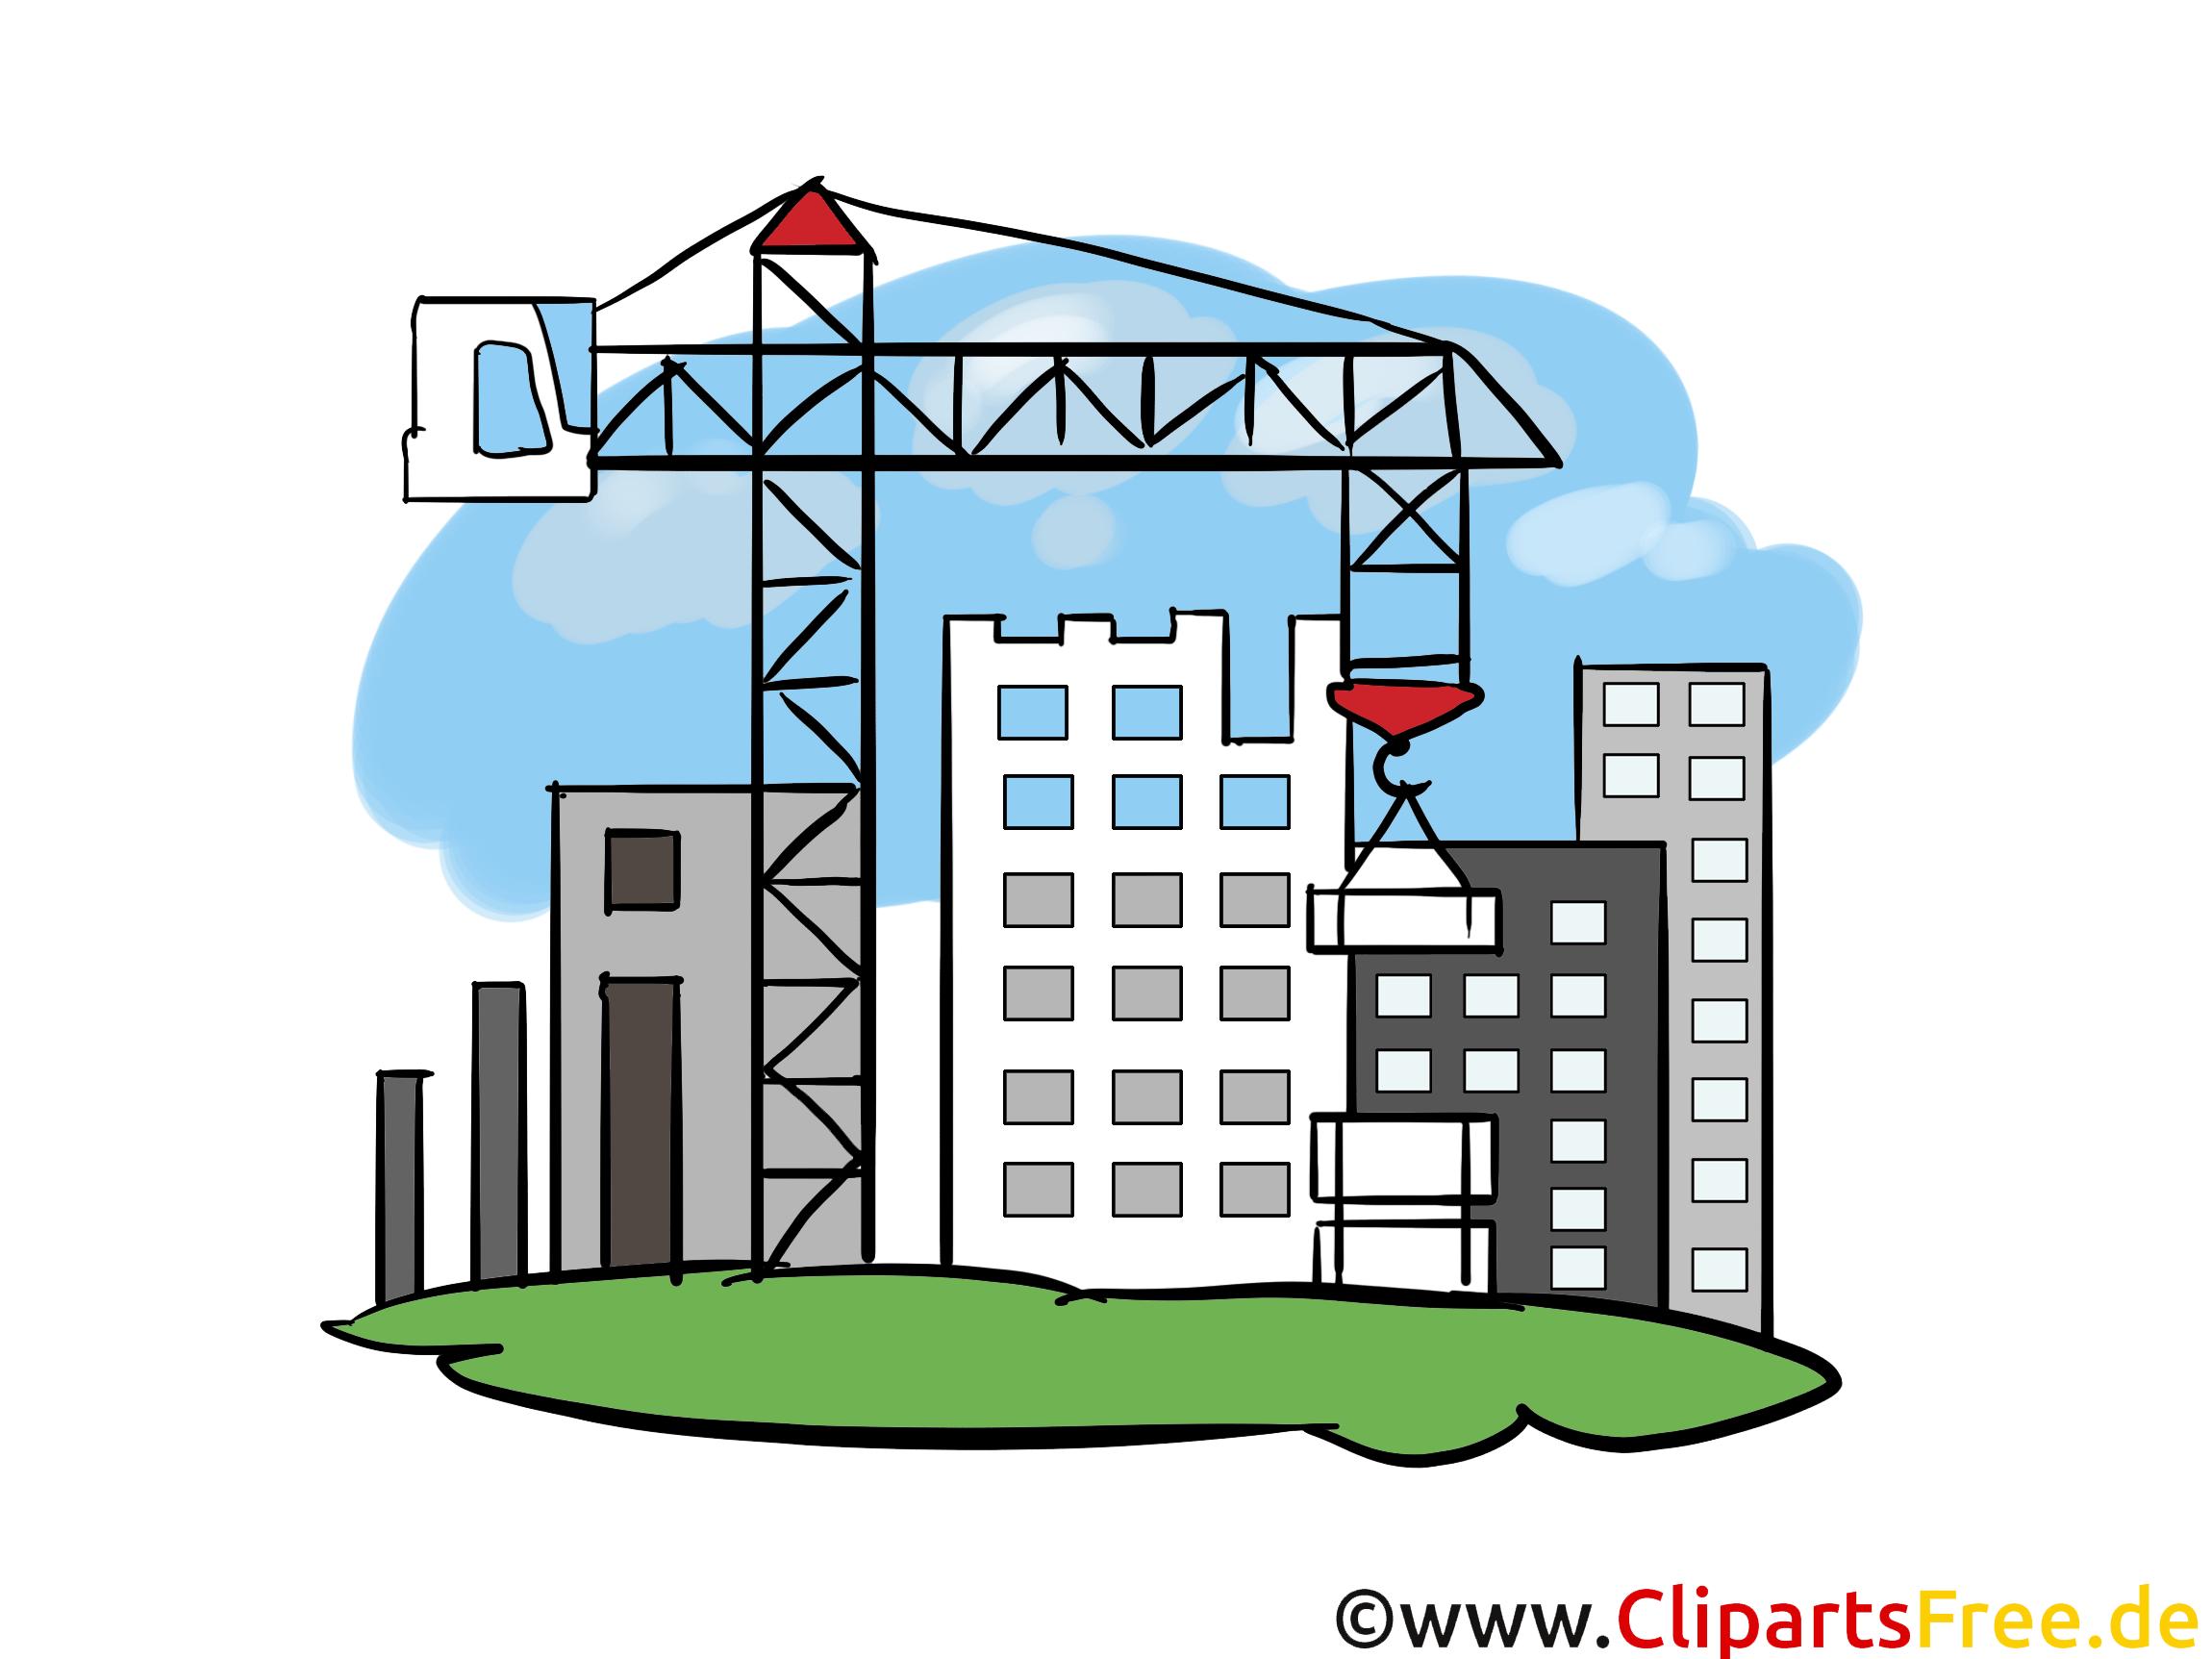 Neubaugebiet, Baustelle, Wohnungen - Industrie Cliparts, Wirtschaft Bilder, Grafiken, Illustrationen